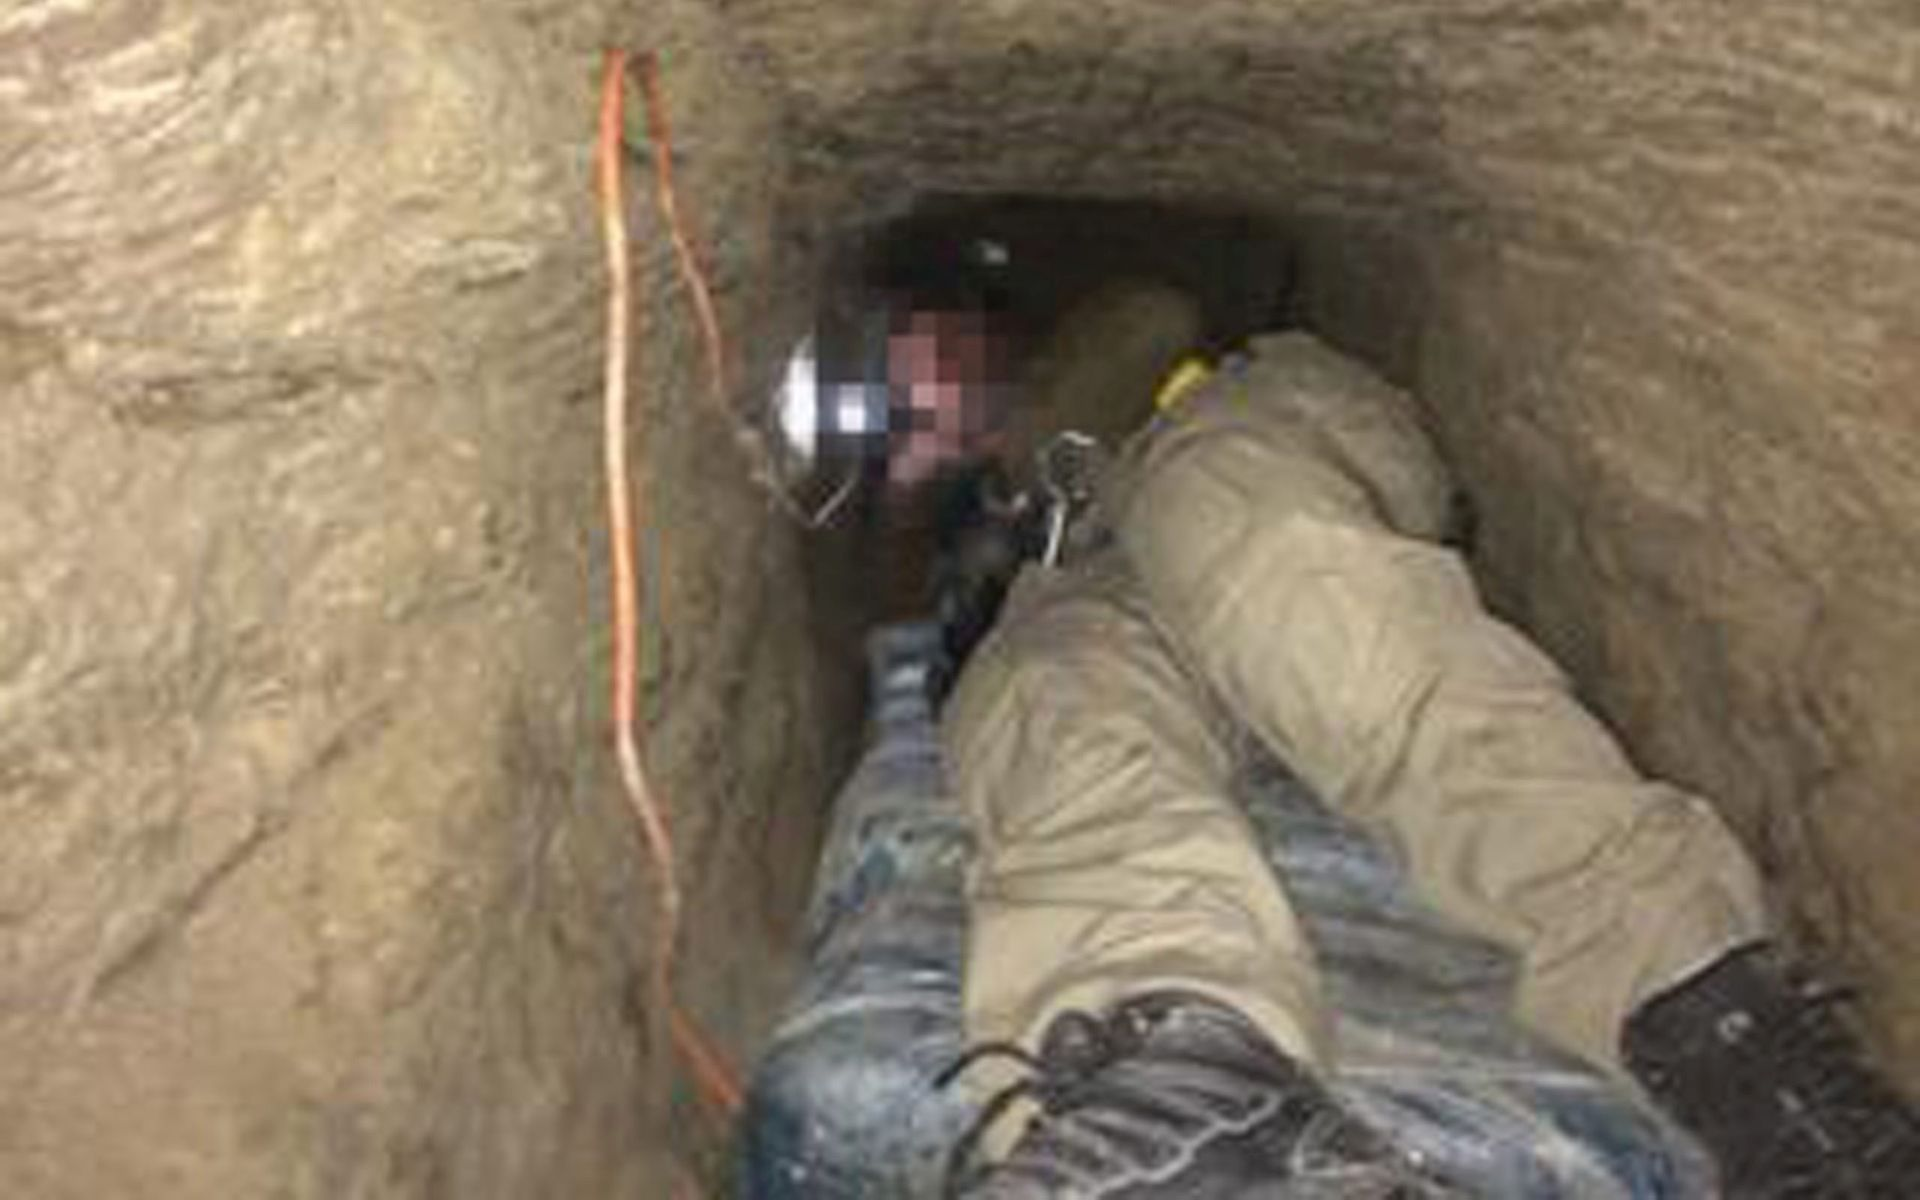 'SOFISTICIRANA IZVEDBA' Otkriven najduži tunel za krijumčarenje droge između Meksika i SAD-a